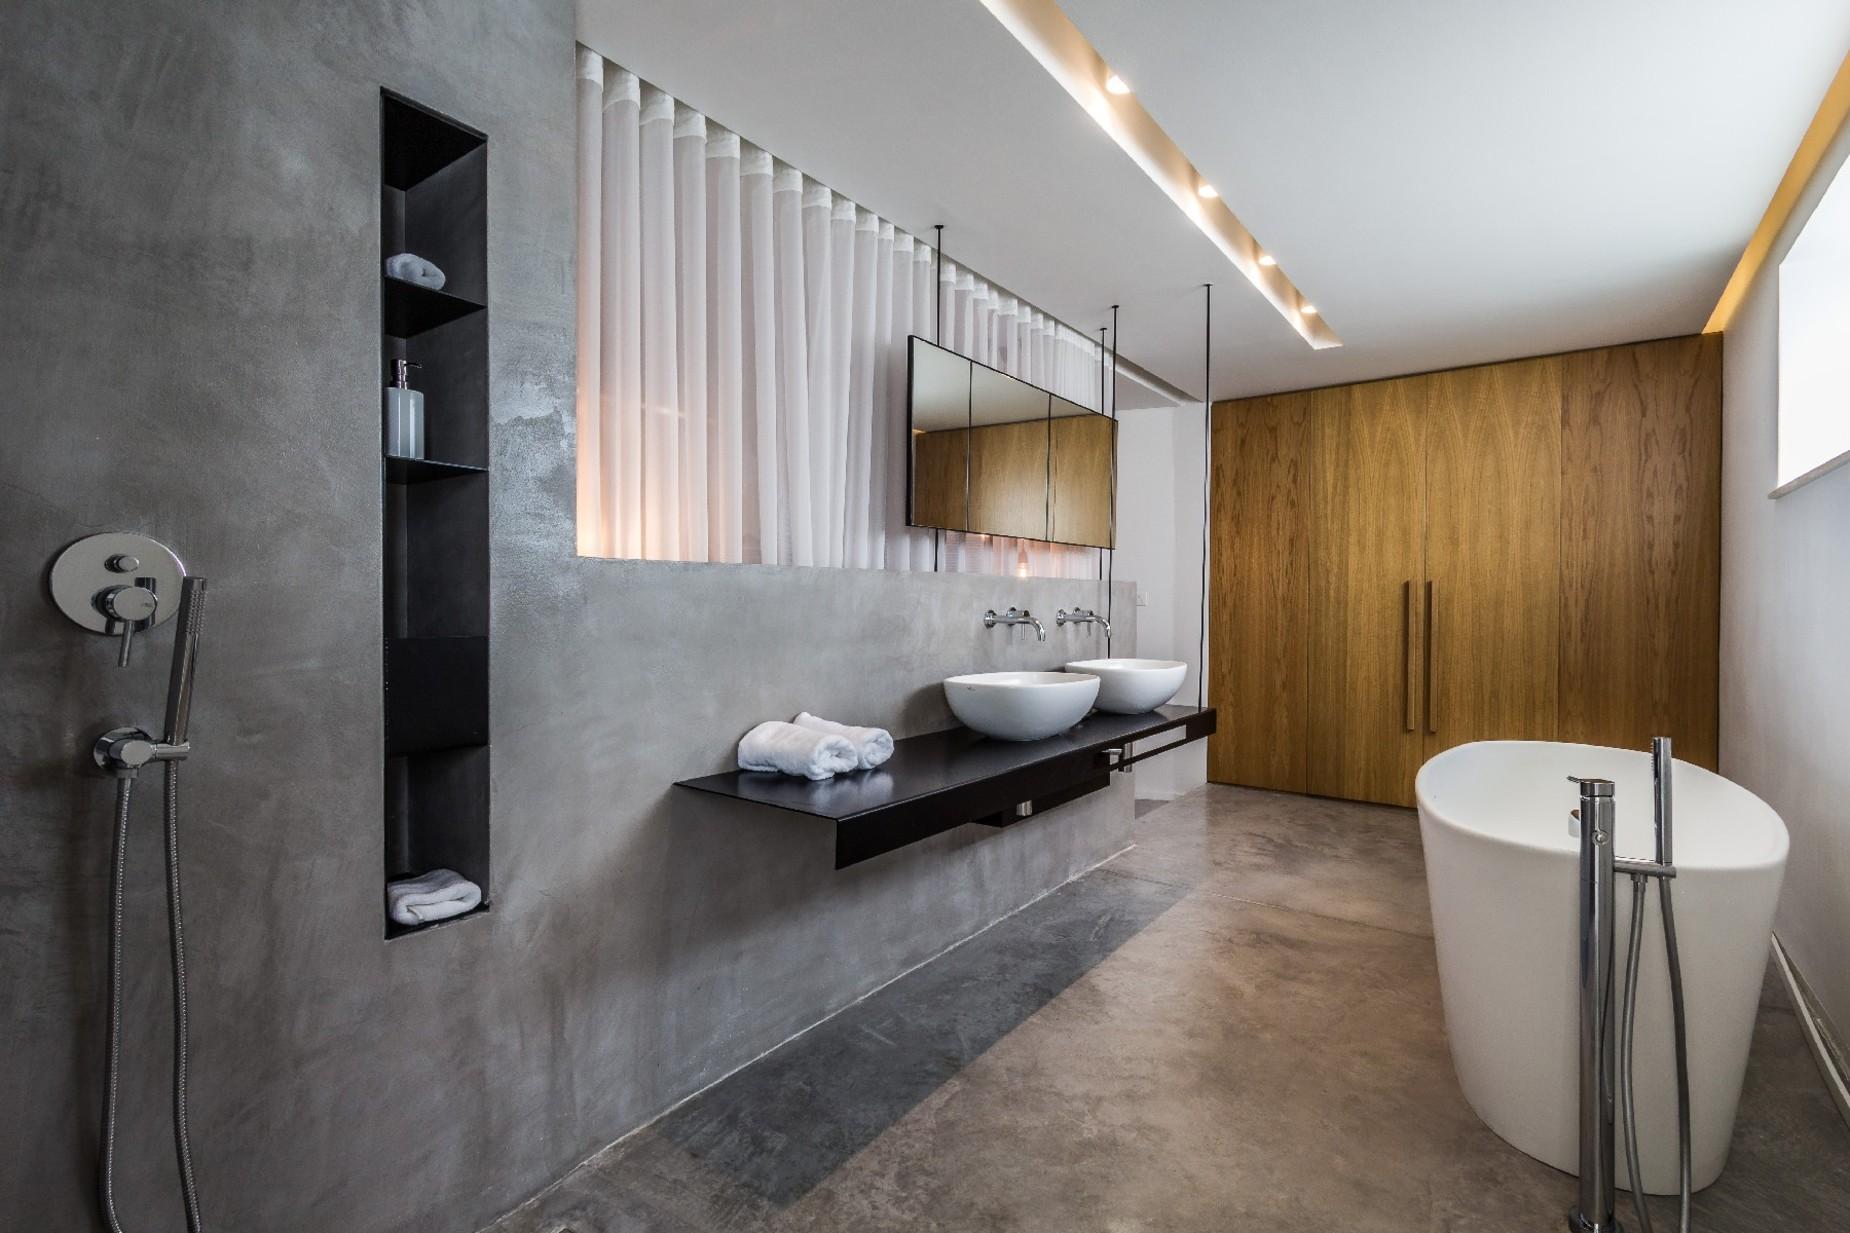 3 bed Apartment For Sale in Ta' Xbiex, Ta' Xbiex - thumb 11